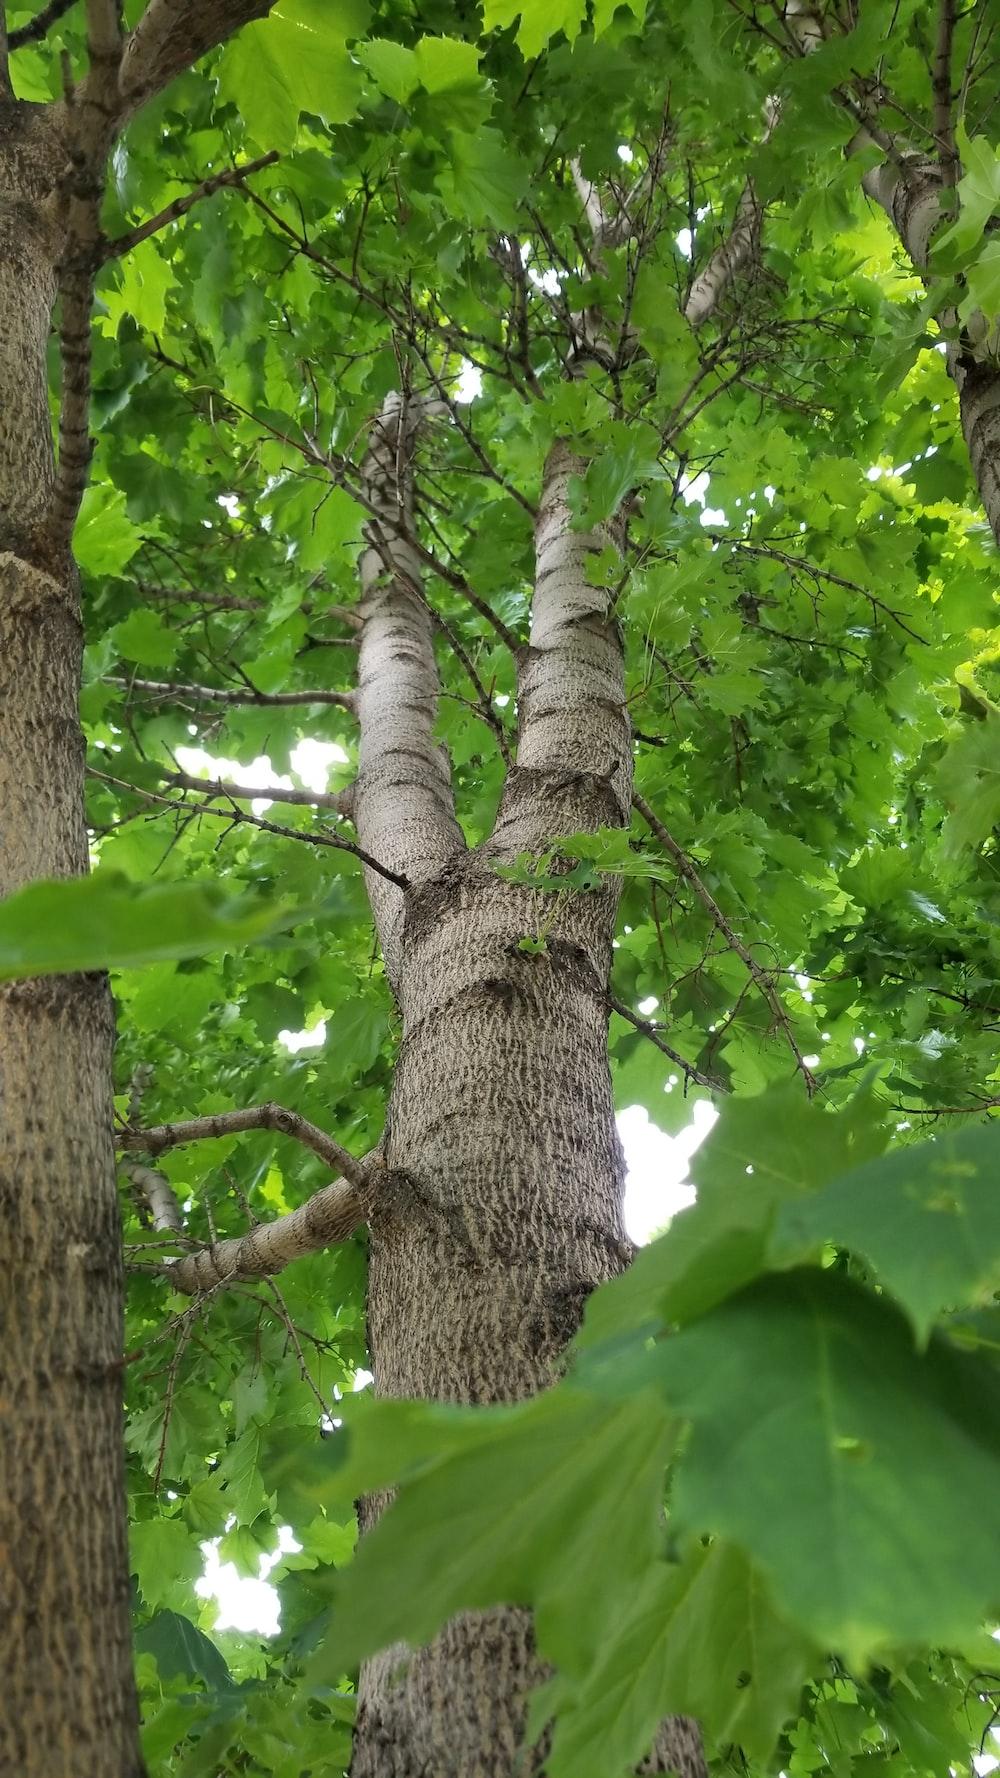 green leaves on brown tree